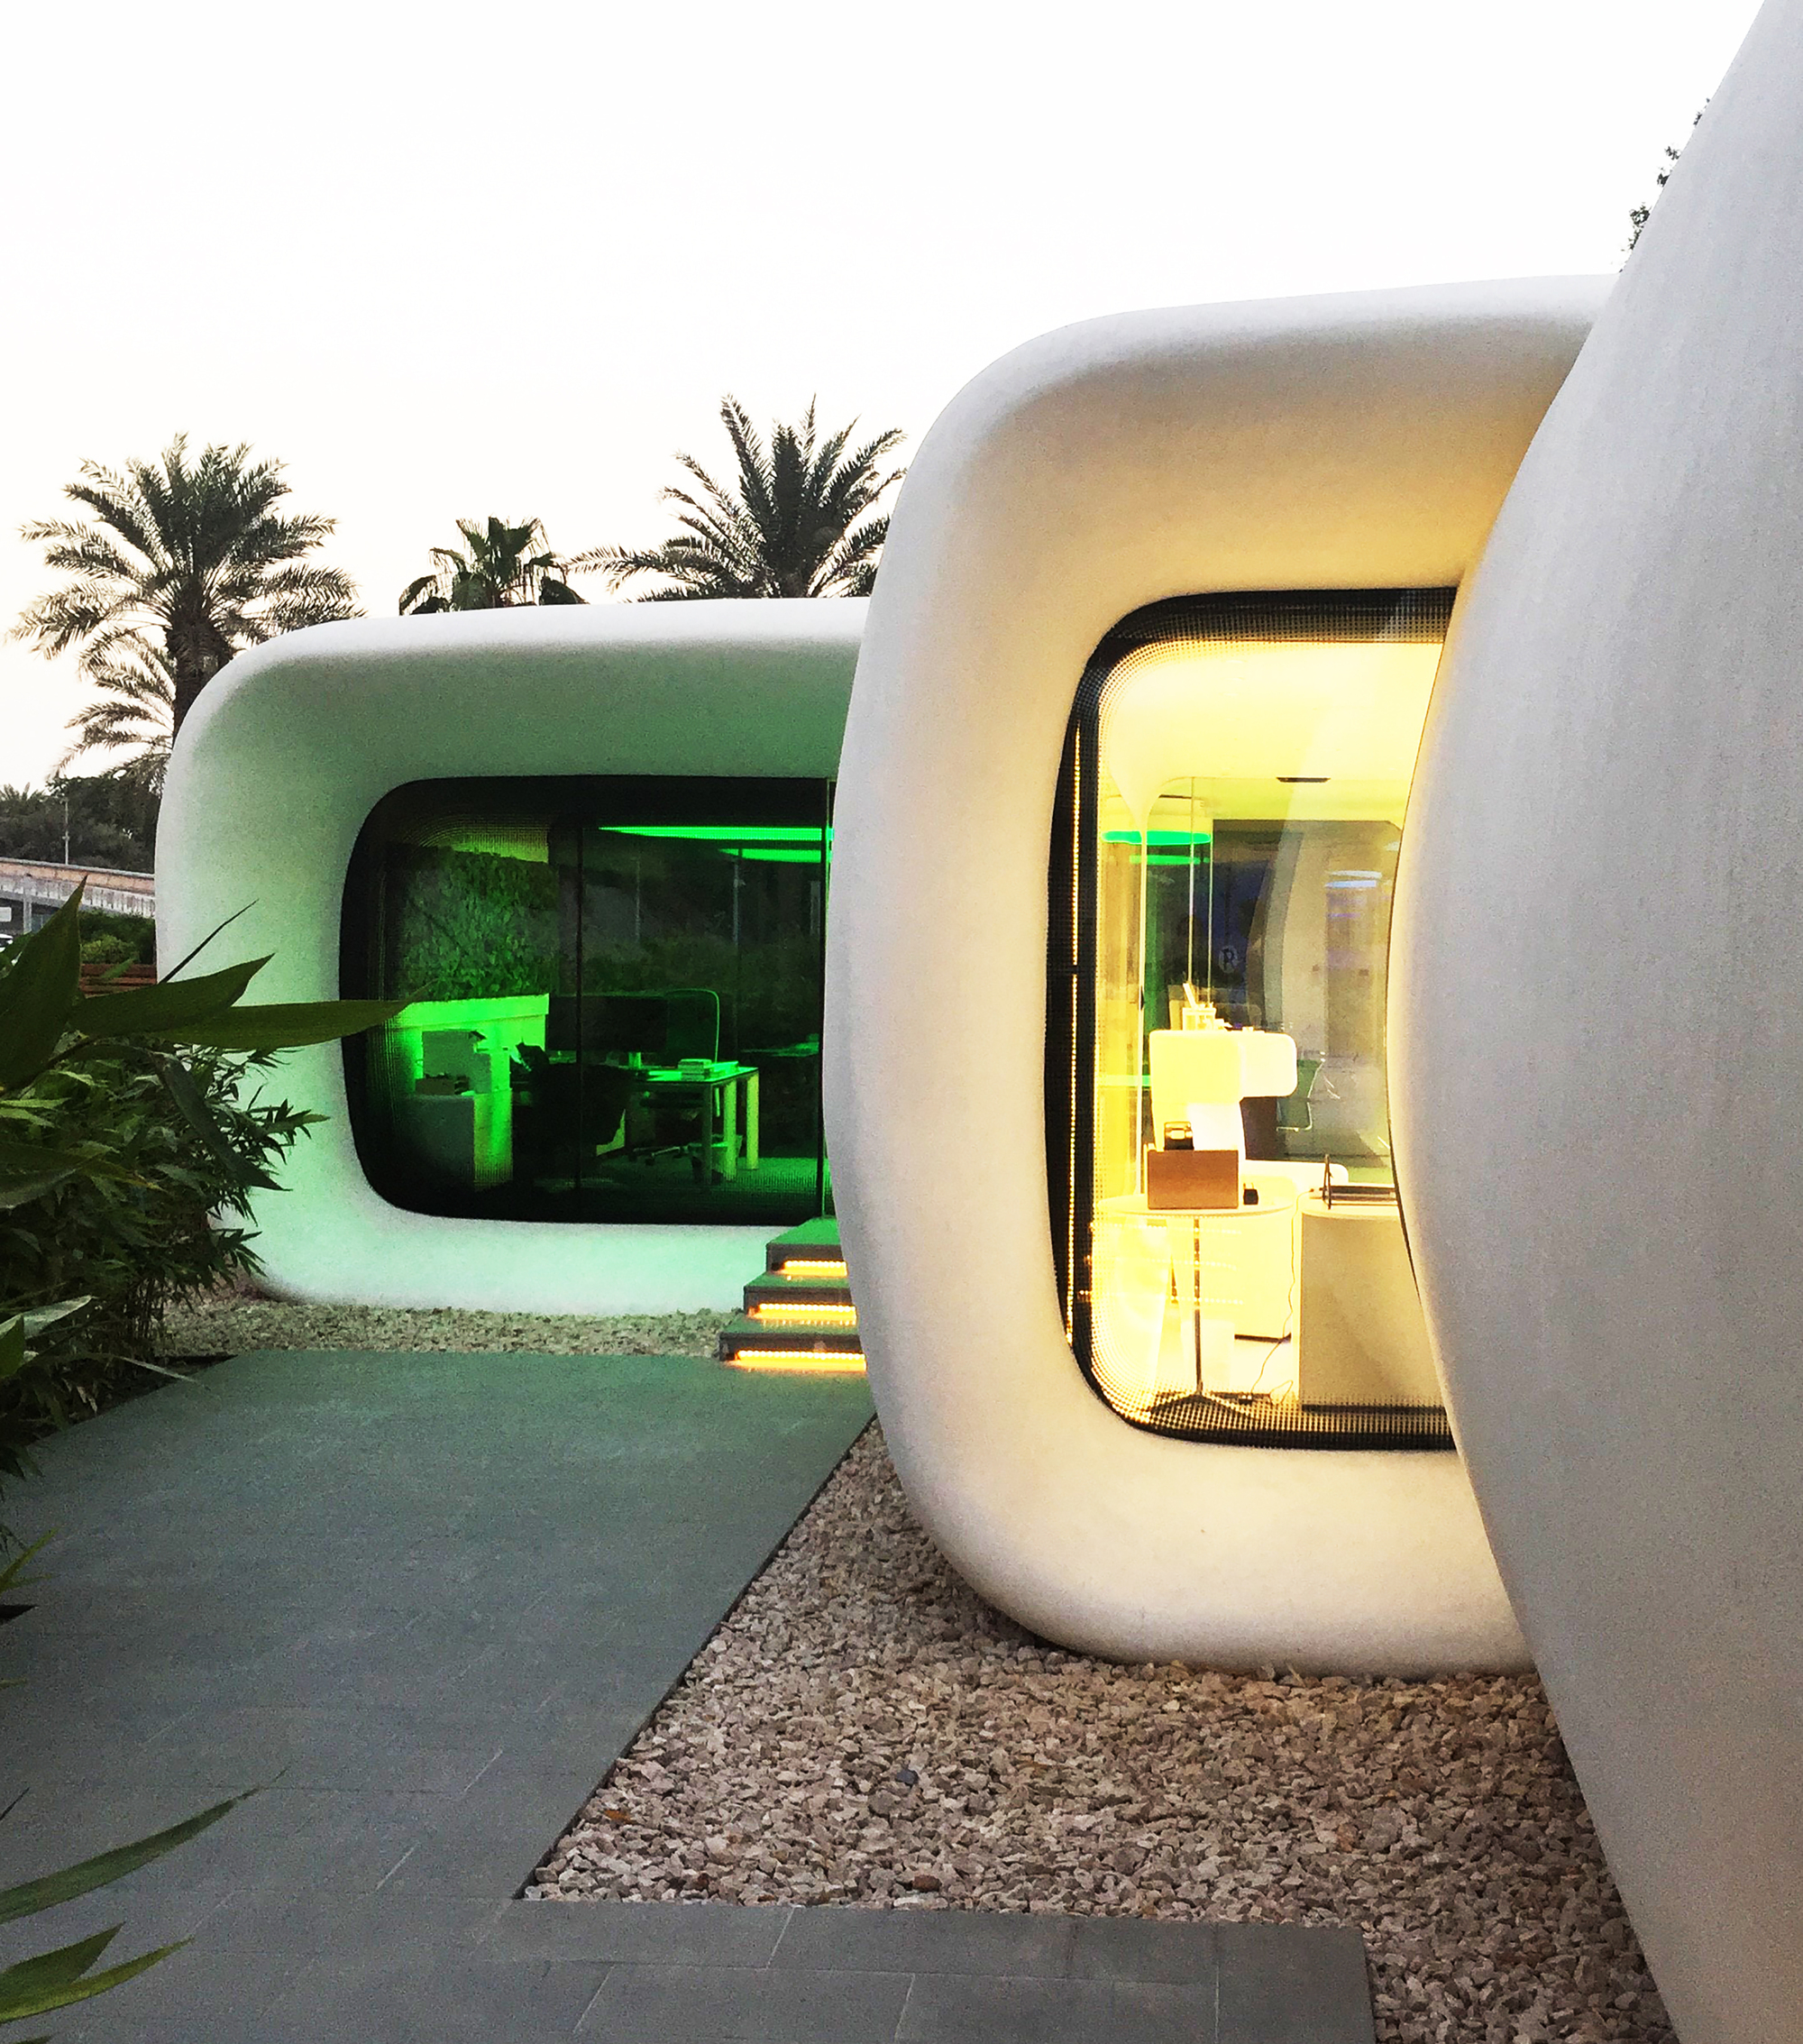 Gallery Of Office Of The Future Killa Design 2